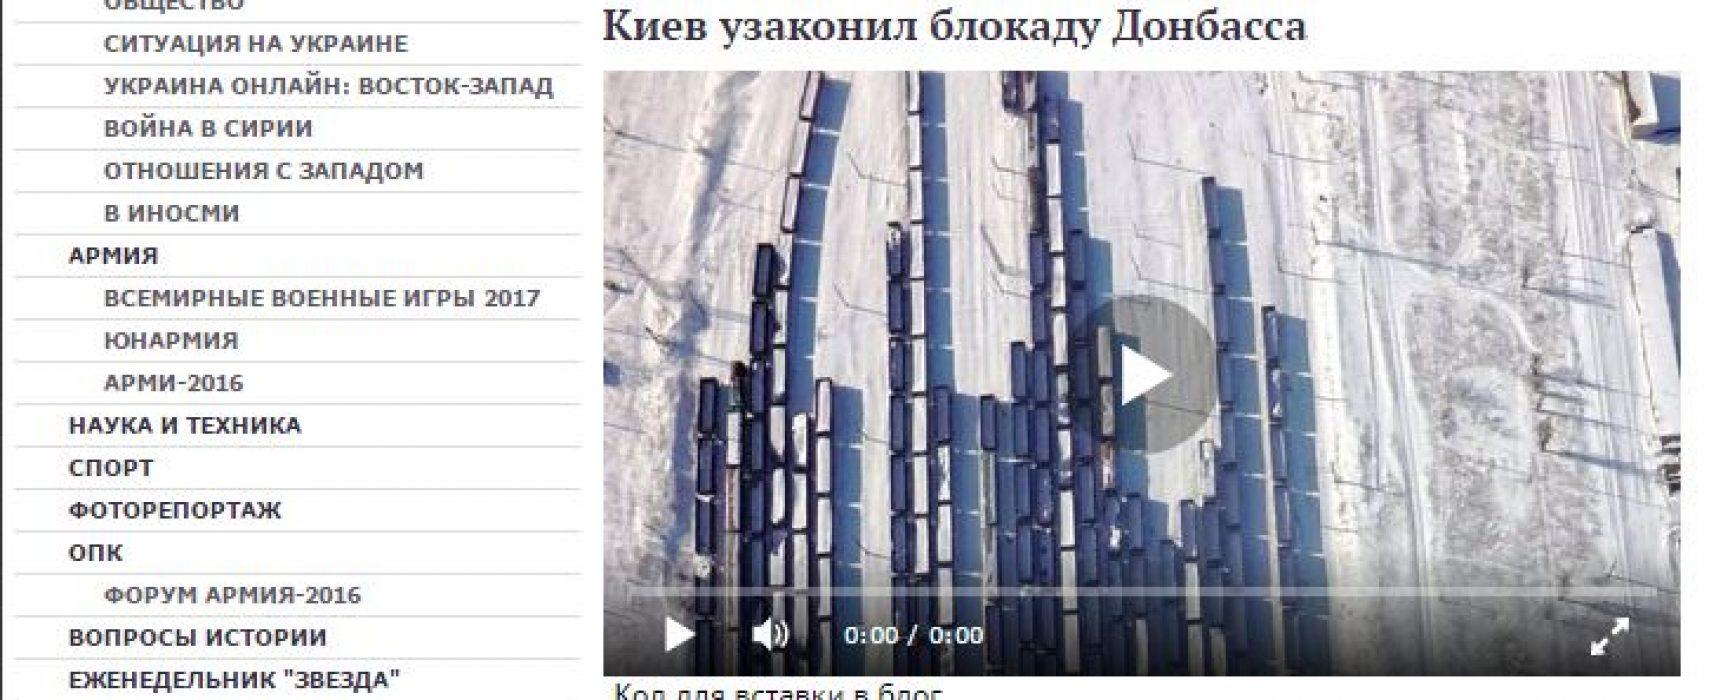 Фейк: Киев узаконил блокаду Донбасса